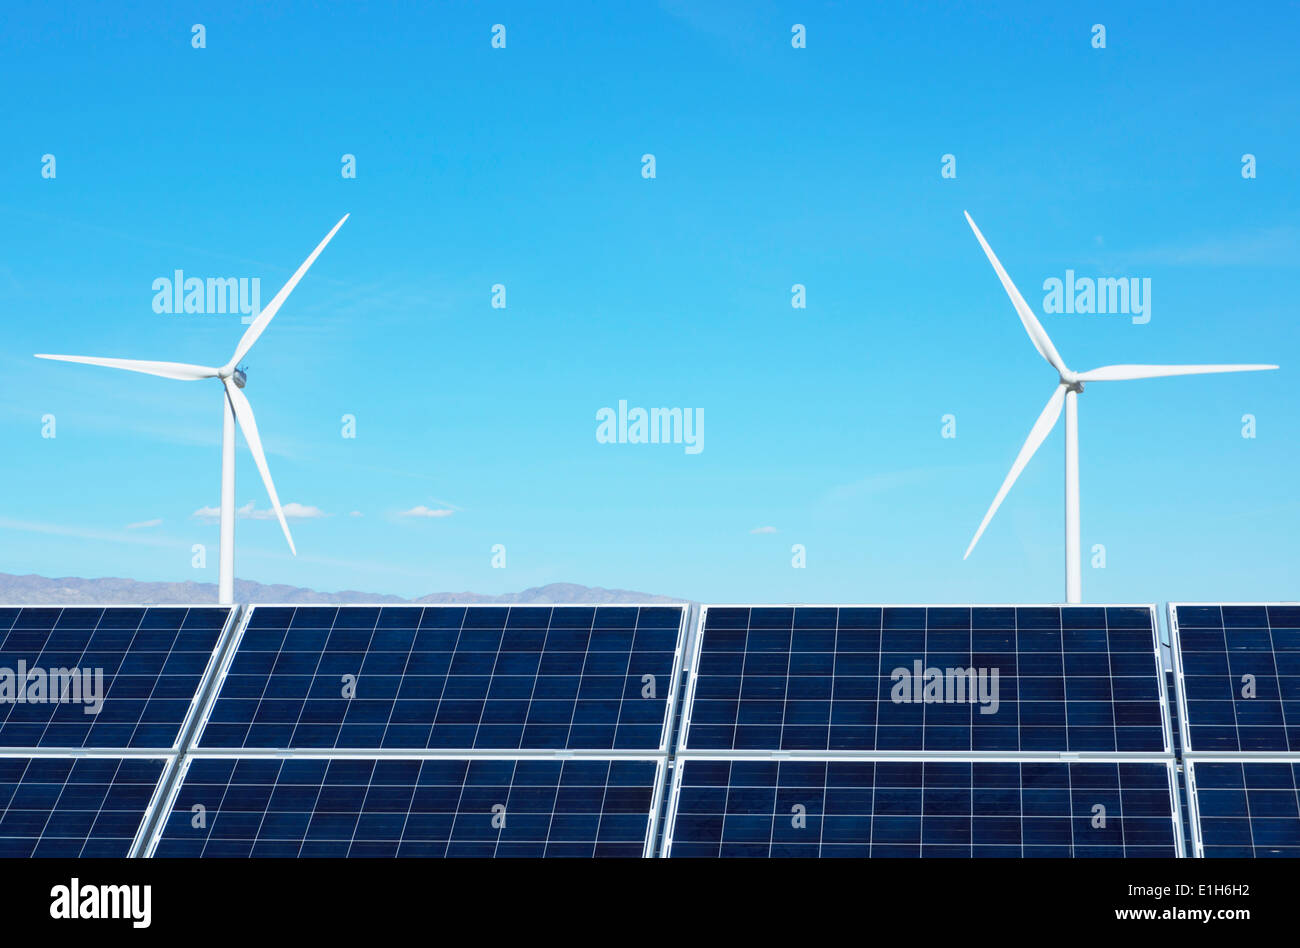 Los paneles solares fotovoltaicos y turbinas eólicas, San Gorgonio Pass Wind Farm, Palm Springs, California, EE.UU. Imagen De Stock